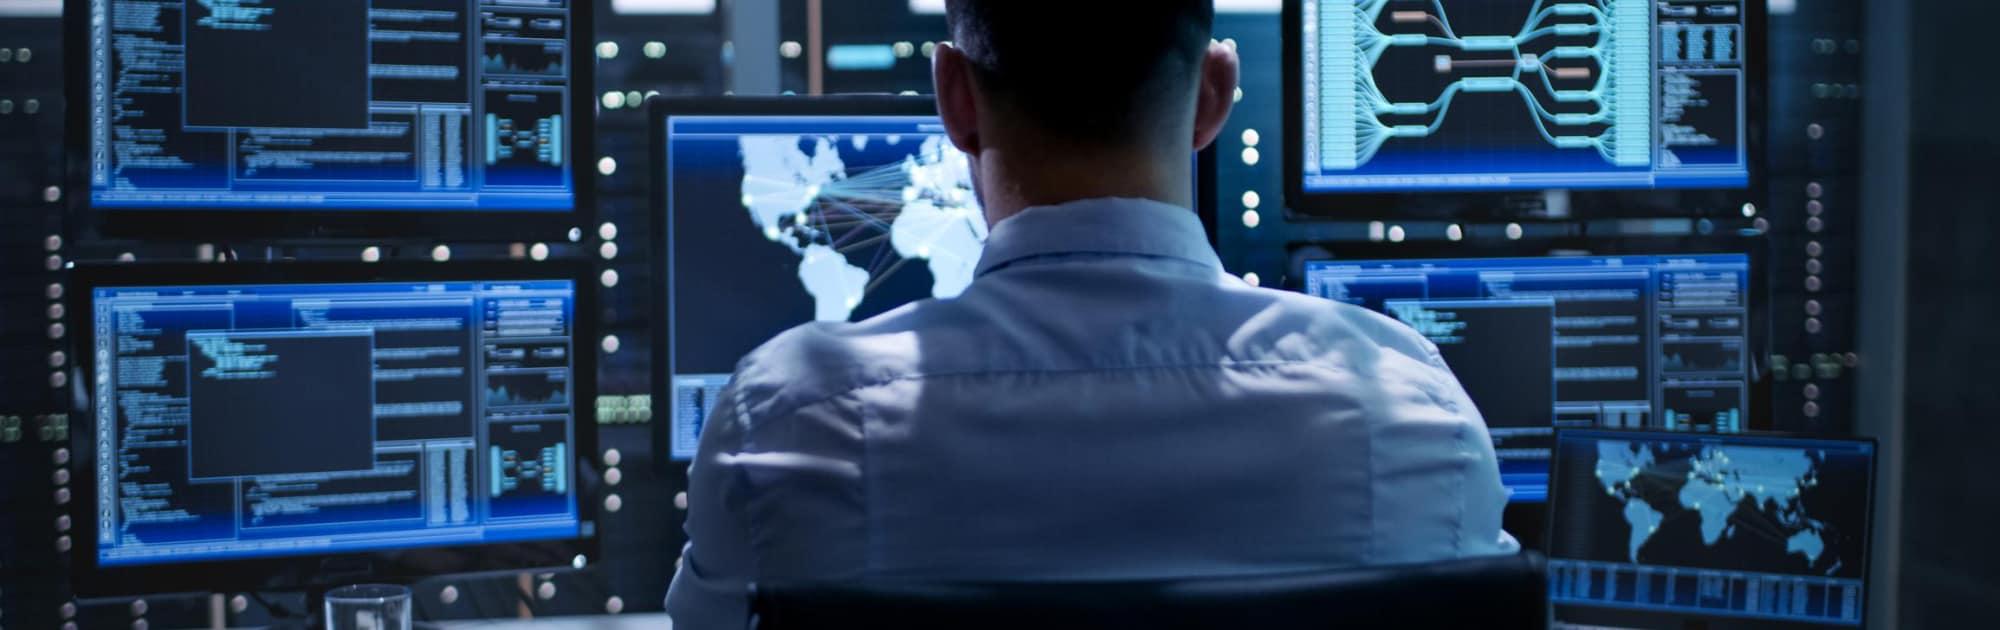 Man looking at bank of computer screens